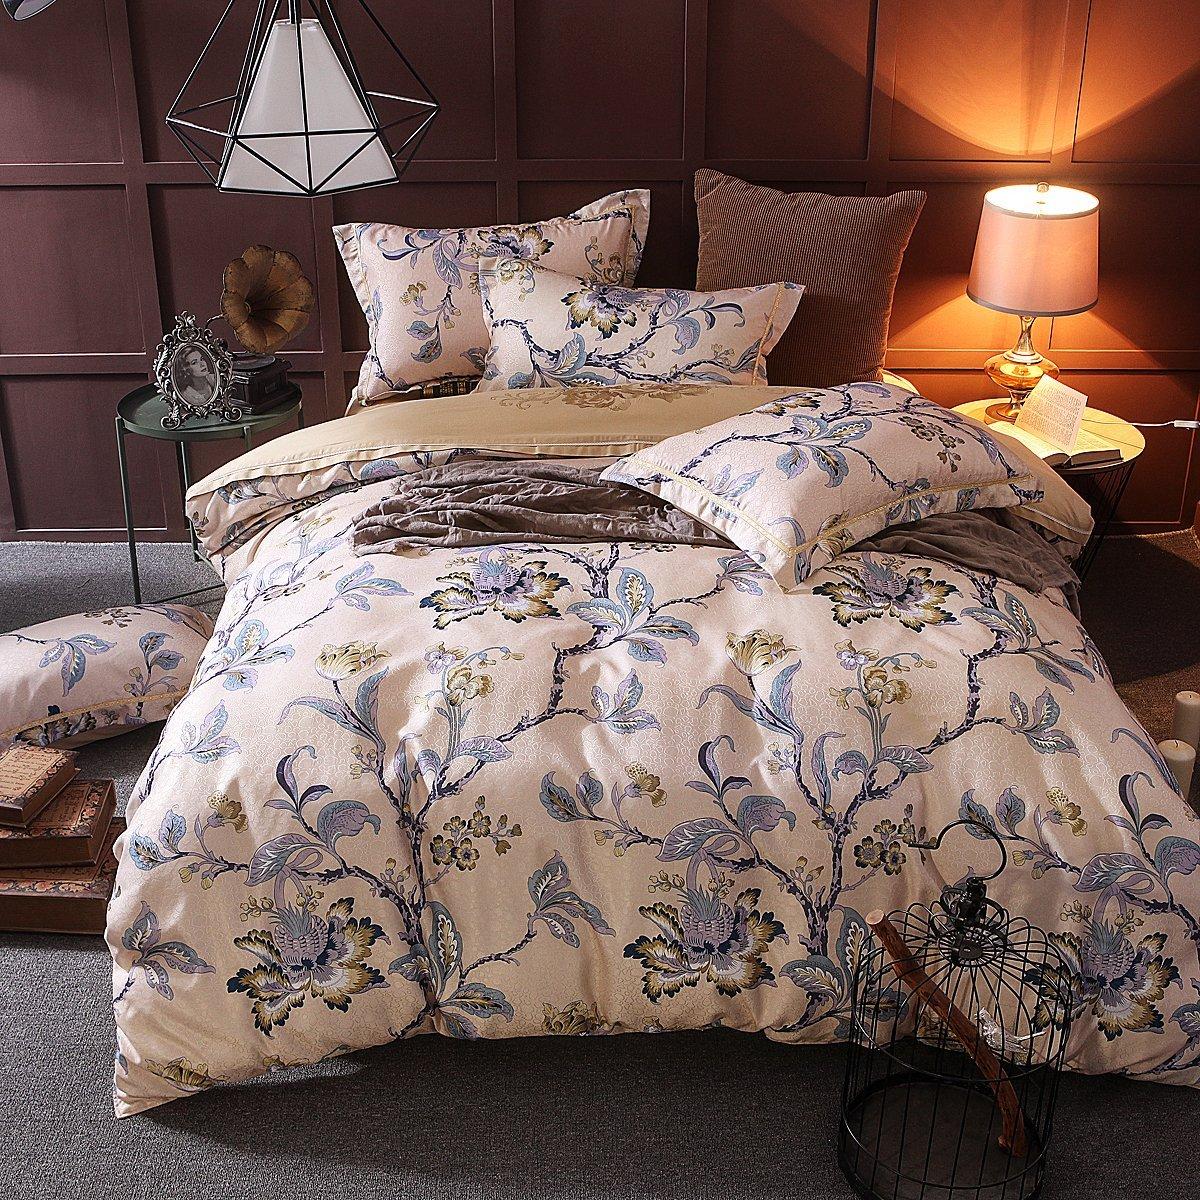 UniTendo    4 mảnh tơ lụa cotton chất cổ điển 3 chiều thêu hoa dệt nổi khăn trải giường bộ lông bị b